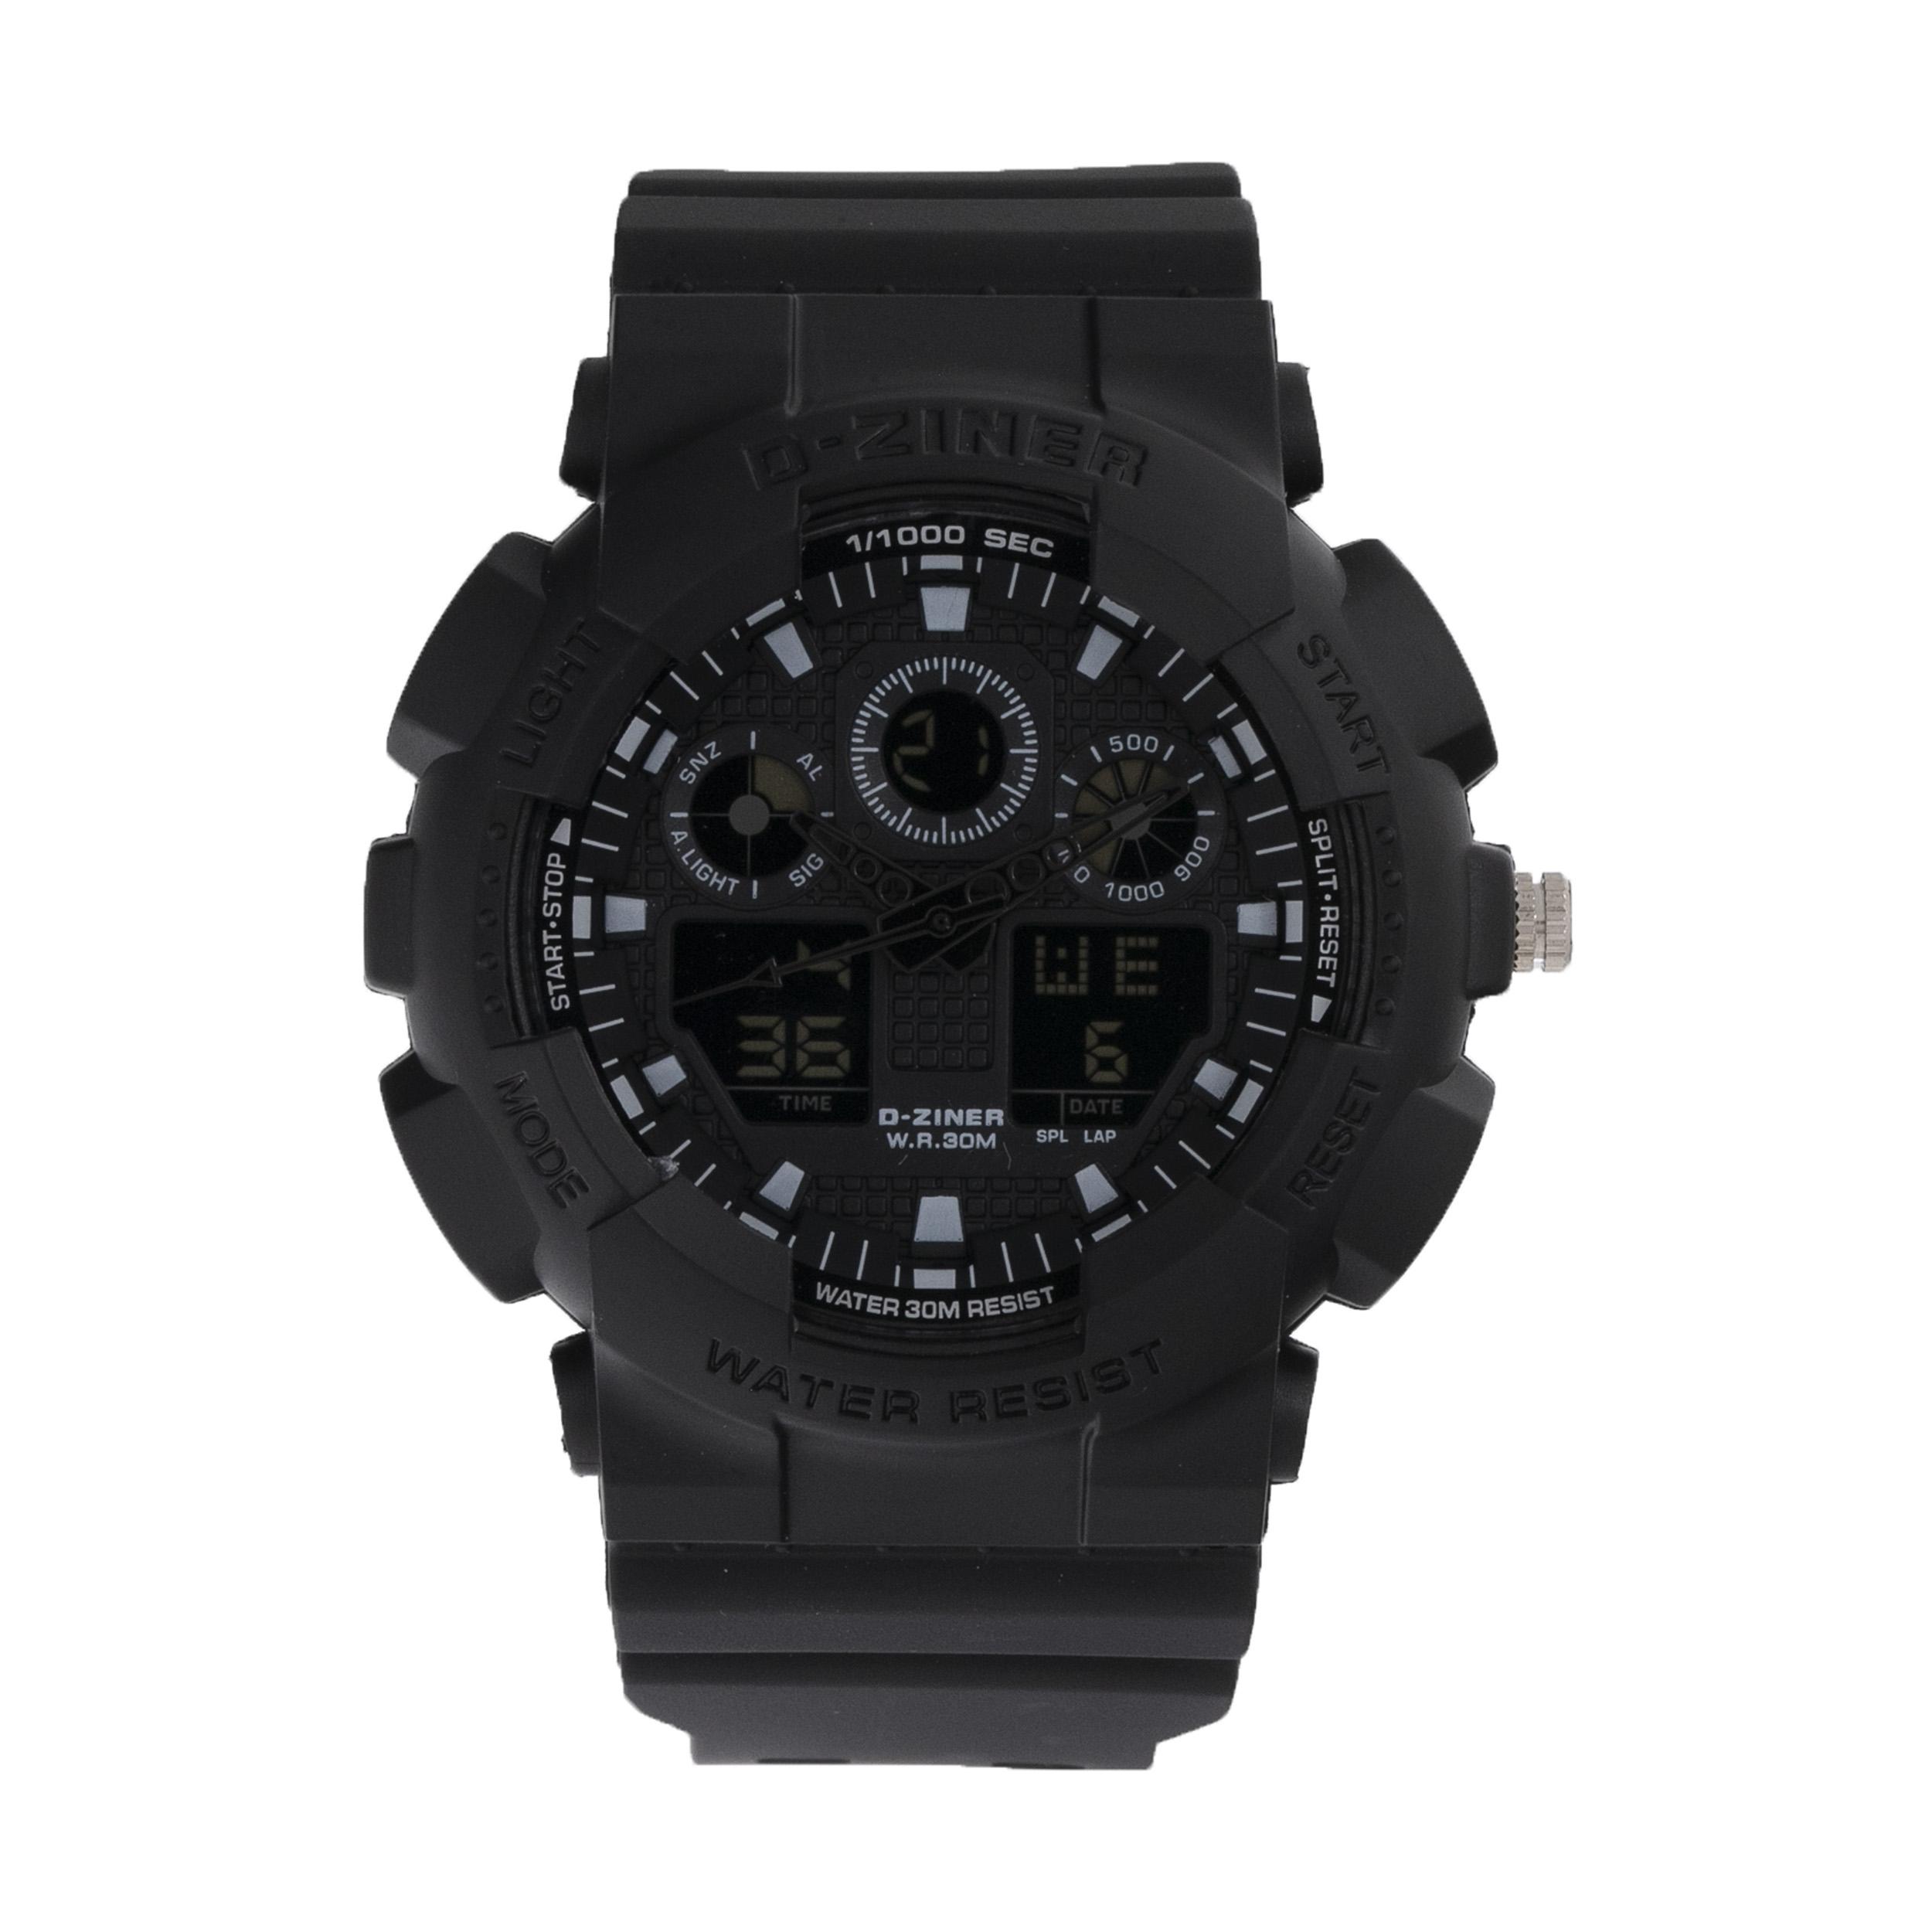 ساعت مچی عقربه ای مردانه دیزاینر مدل D-Z7050 22